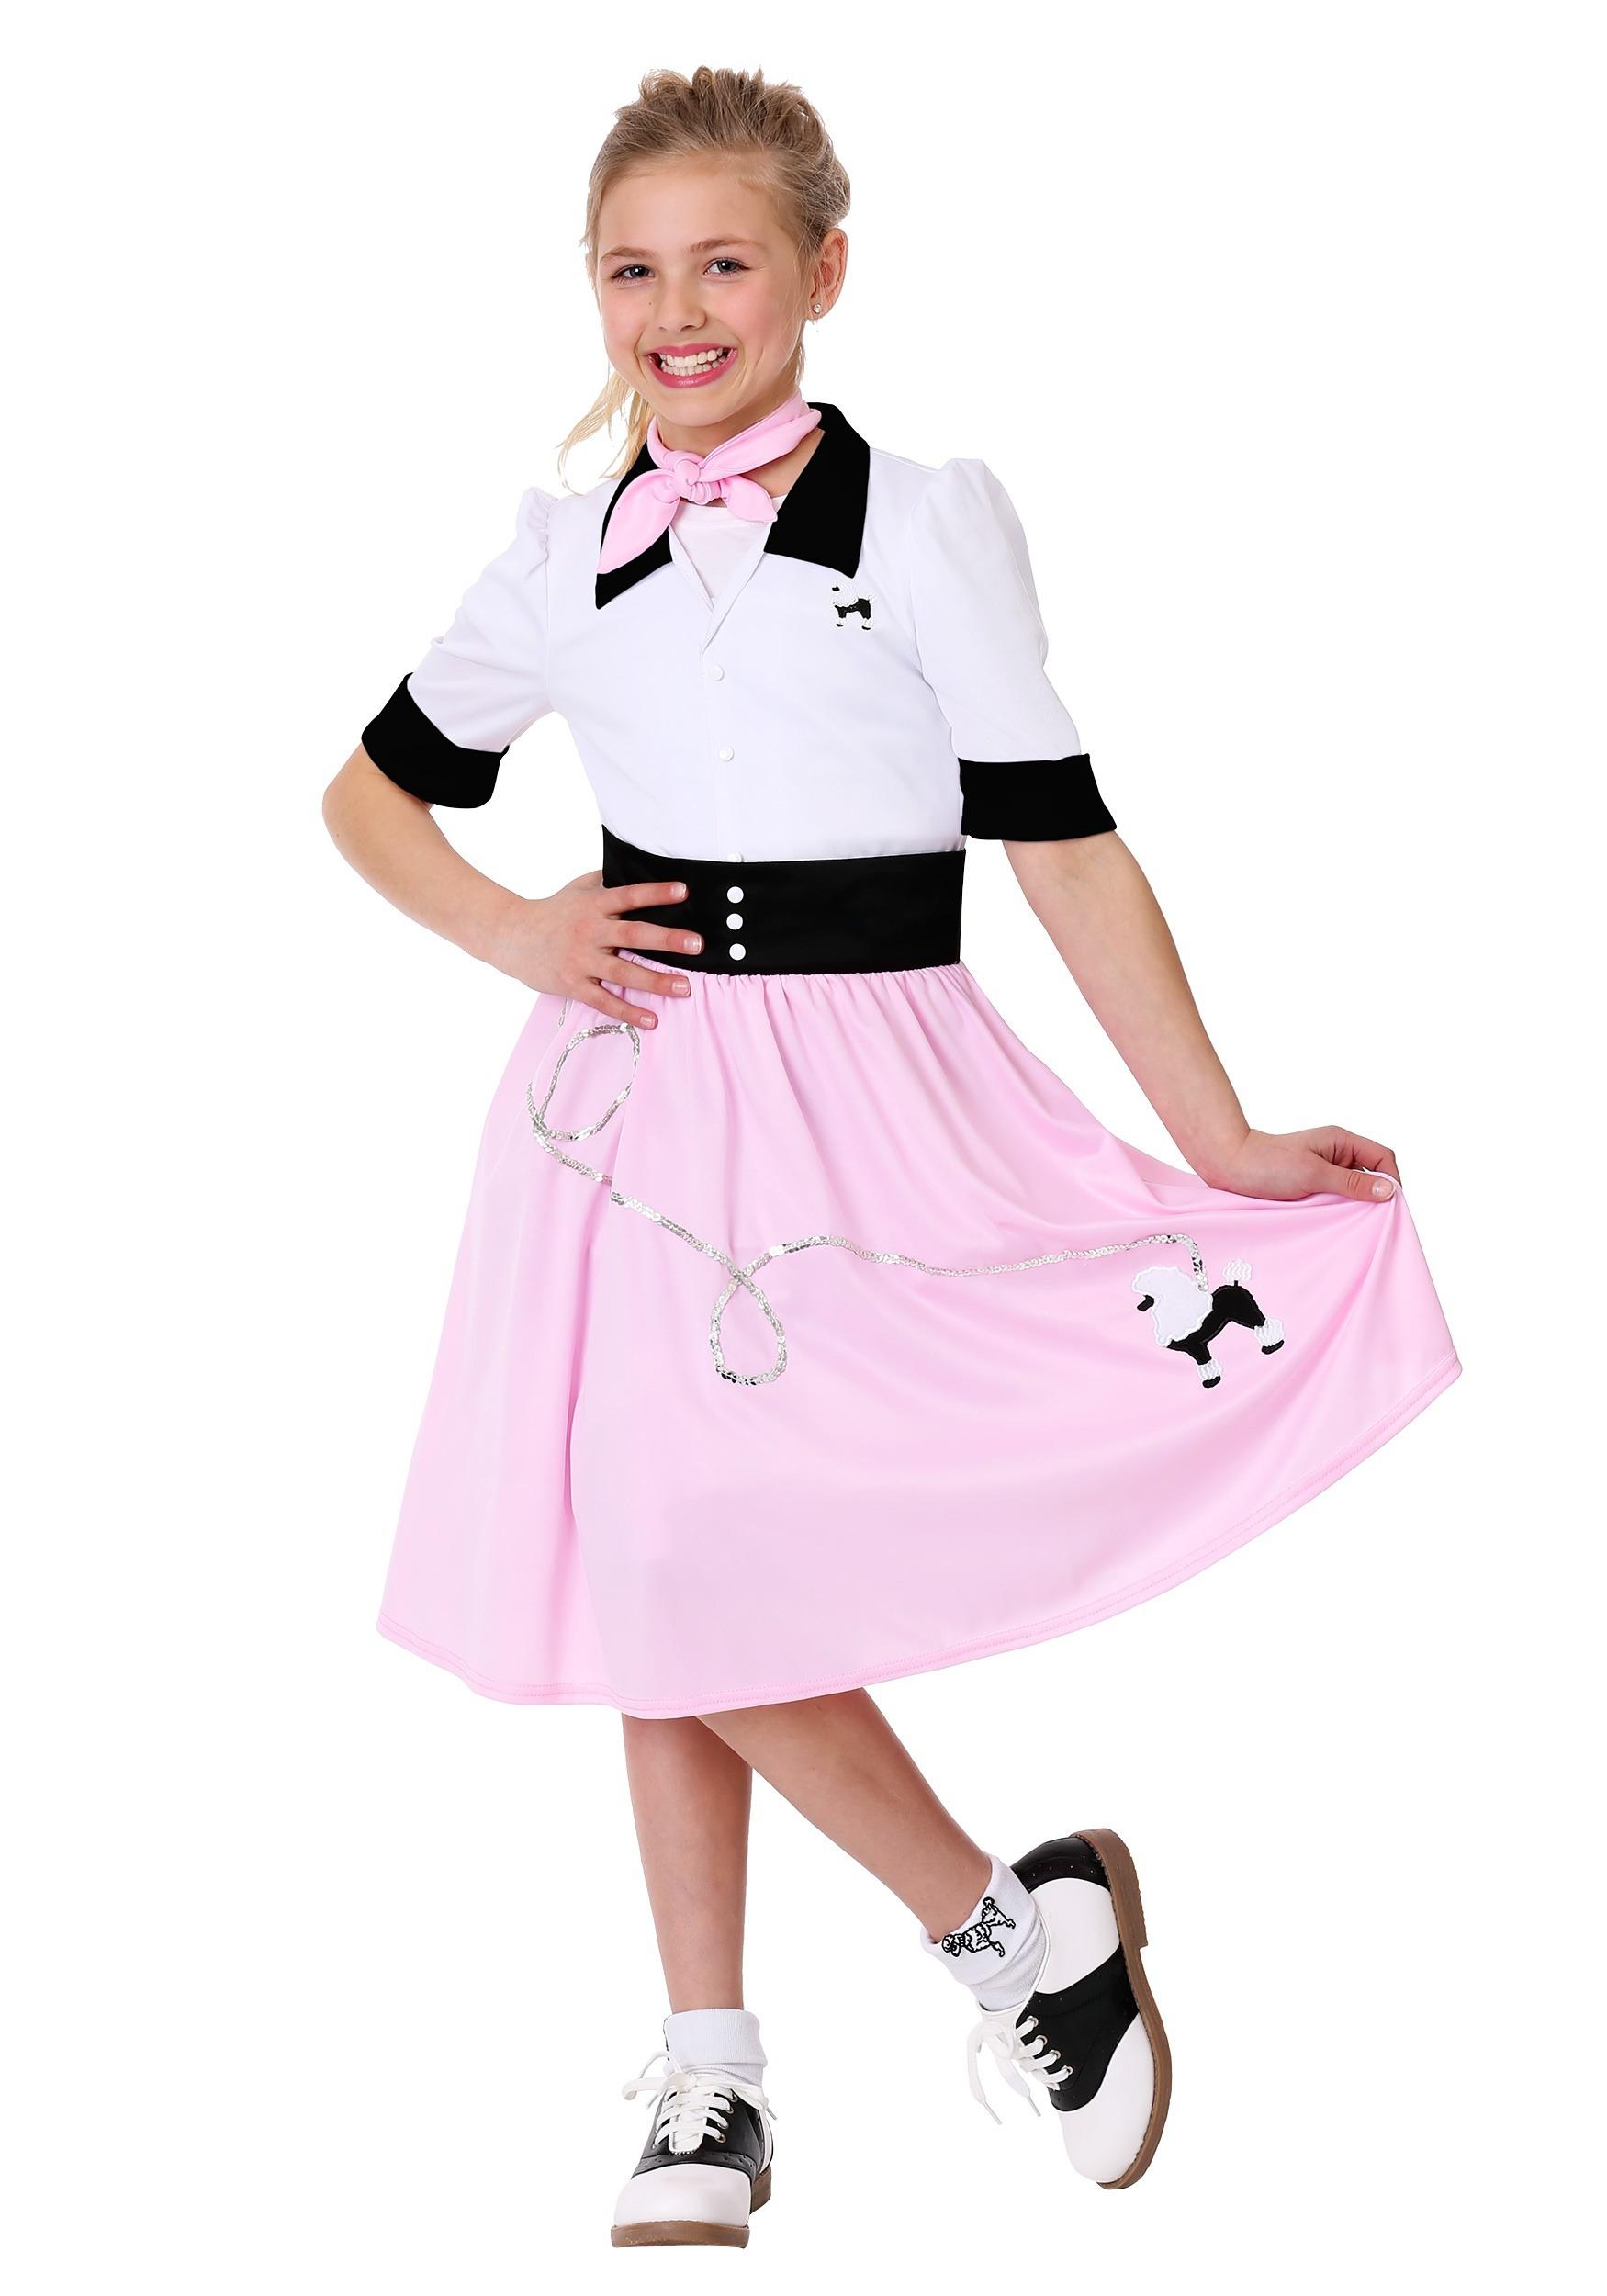 Sock Hop Sweetheart Costume for Girls